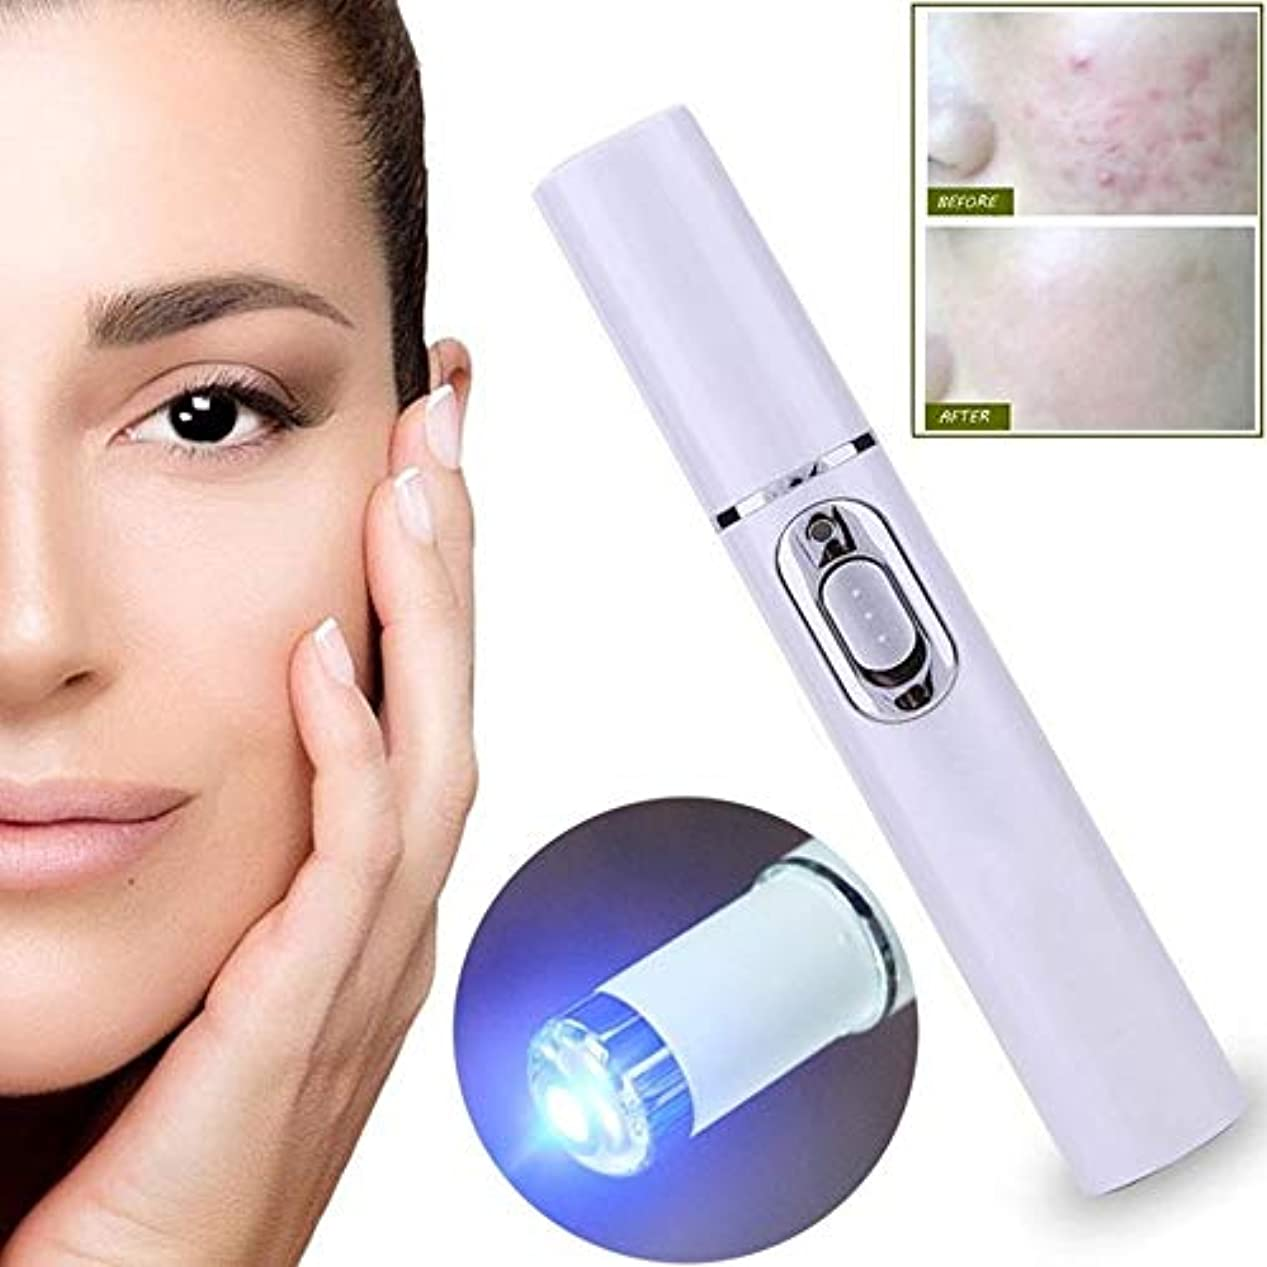 頼むファーム飲み込むにきび治療とにきび跡治療のための美容ライトセラピーデバイス、にきびを削除し、しわほくろダークスポット除去機を削減します